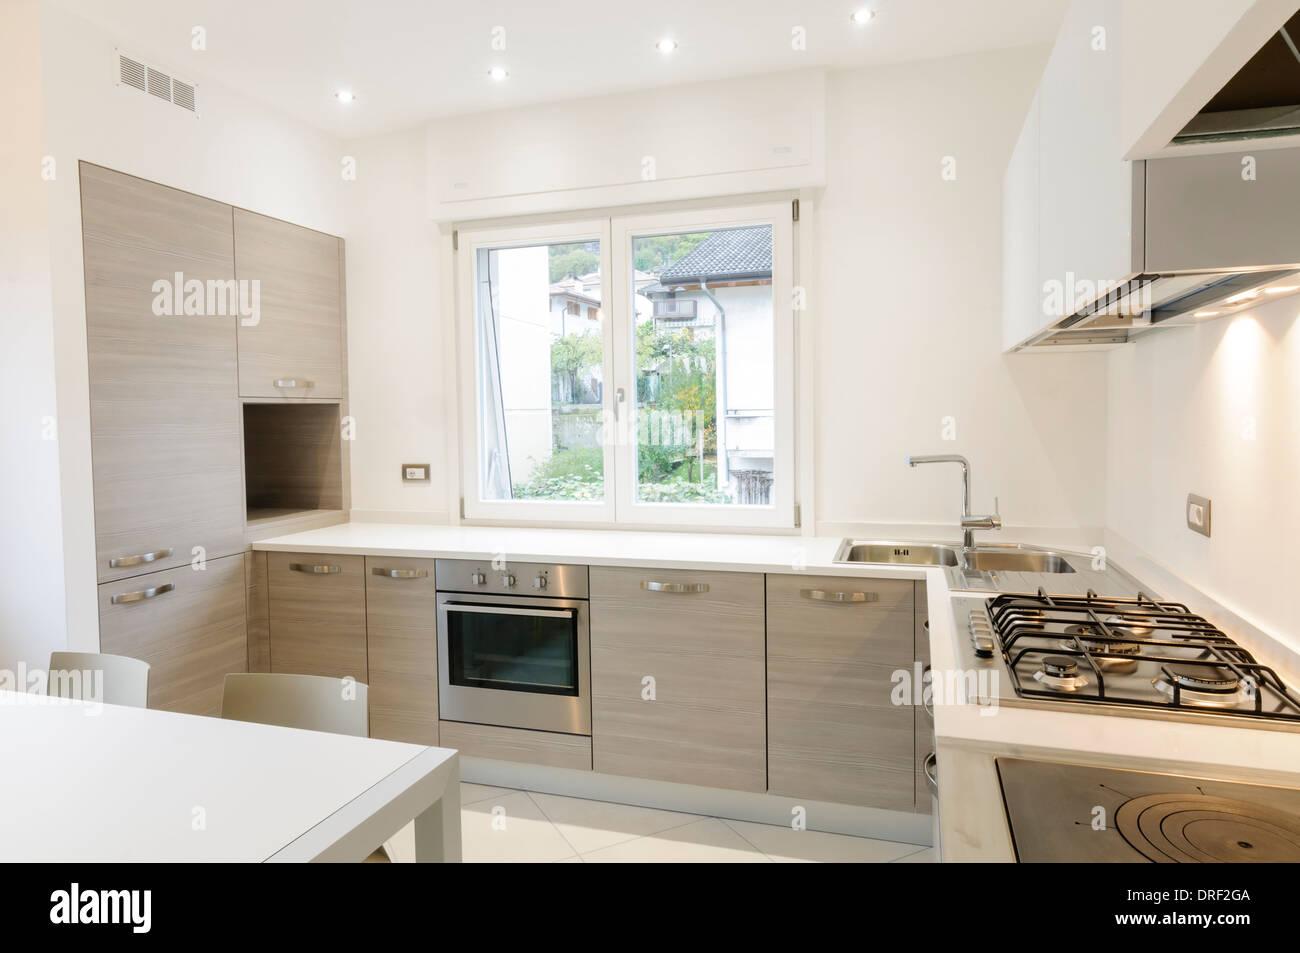 Moderne Küche Interieur Holzschränke mit weißen Tisch Stockbild